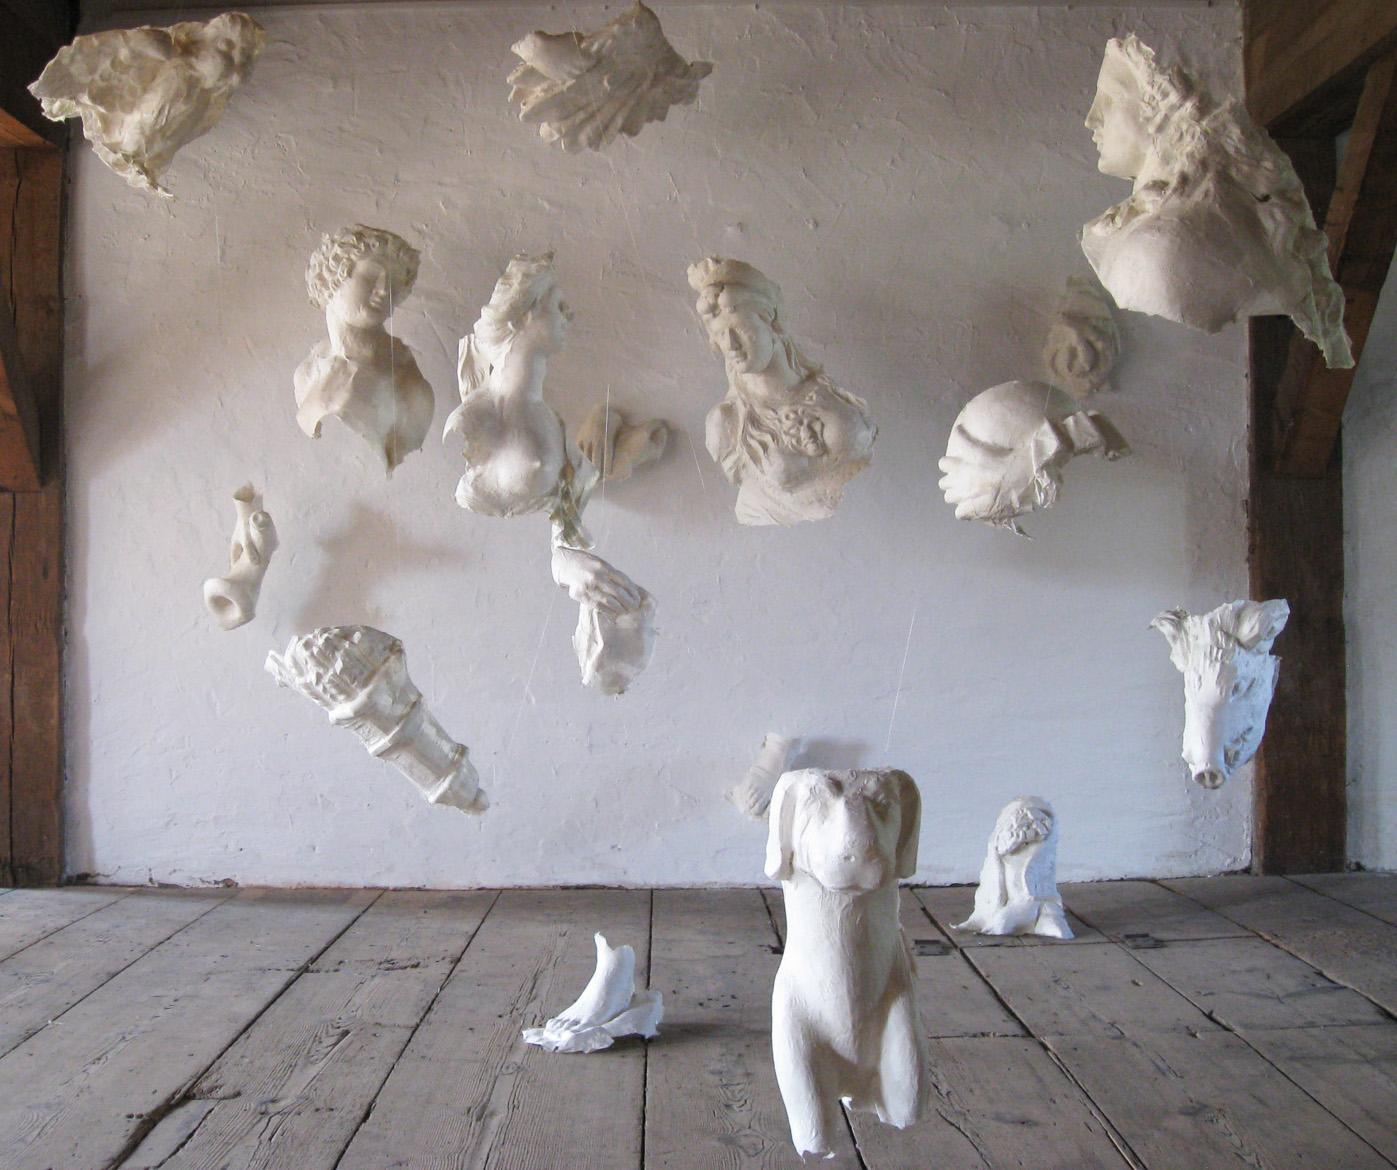 Astrid Weichelt: Stein zu Papier. Funde und Fragmente in Abformungen